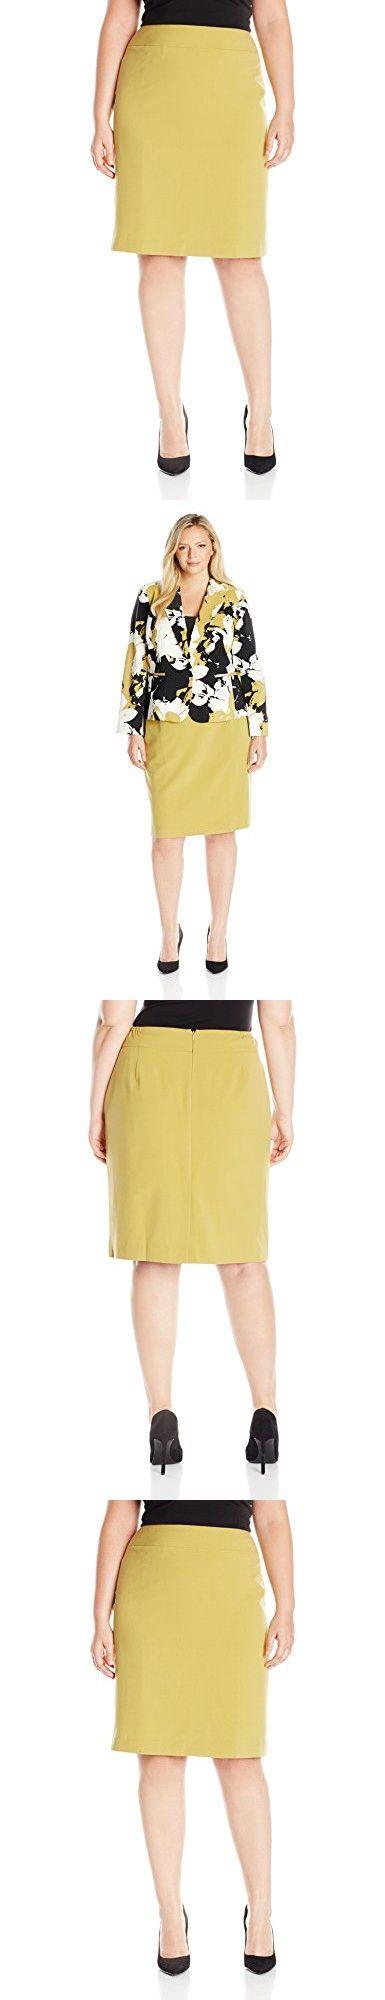 Nine West Women's Plus Size Stretch Straight Skirt, Bamboo, 16W